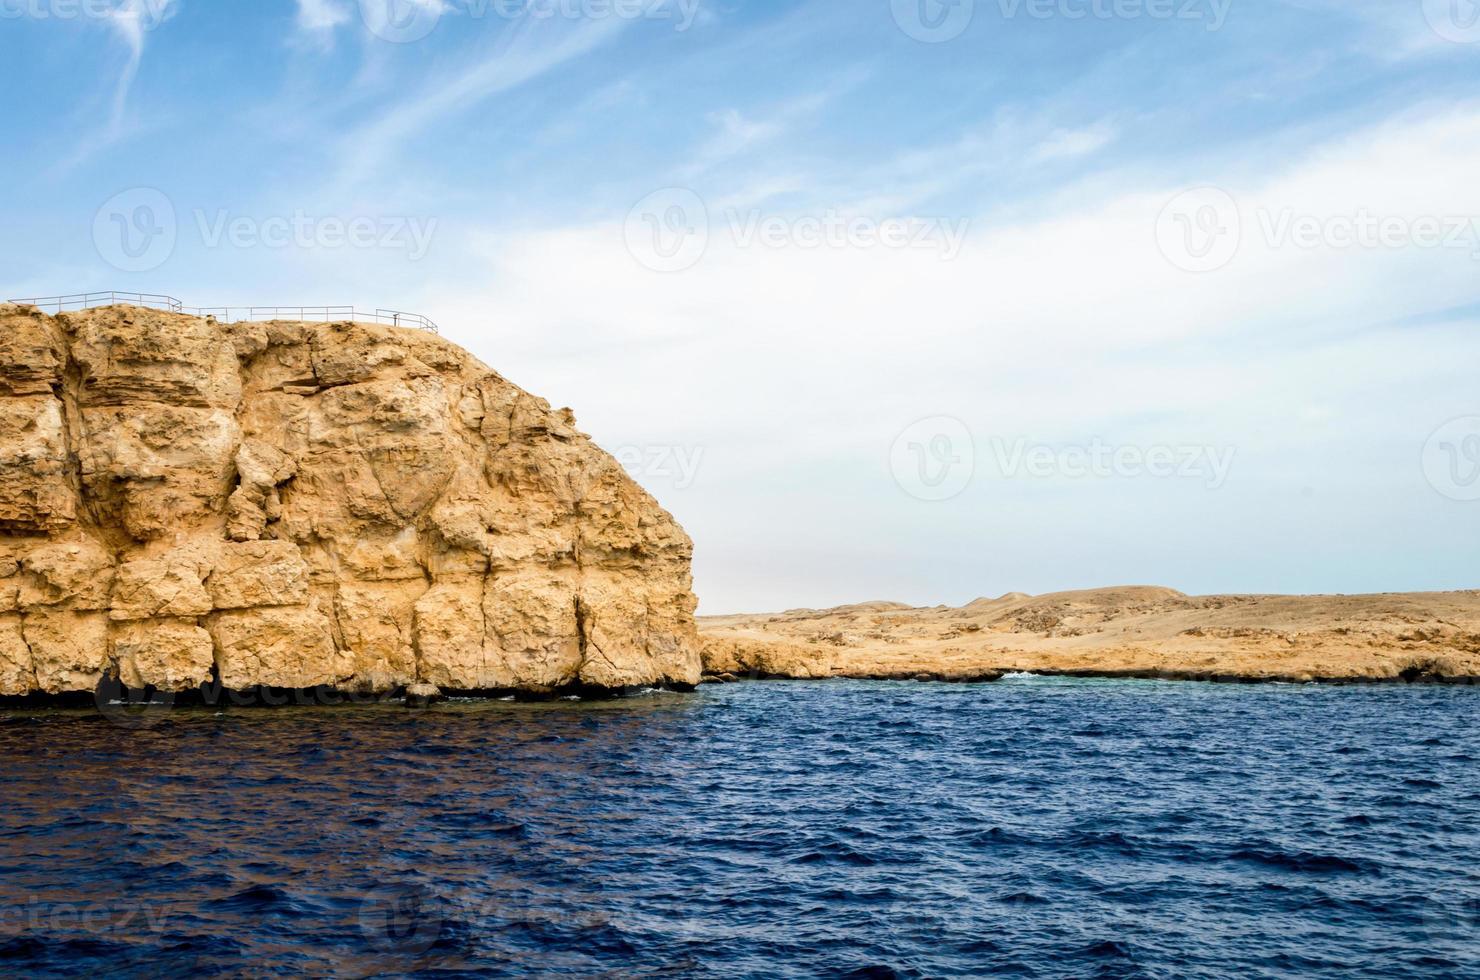 eau bleue et côte rocheuse photo